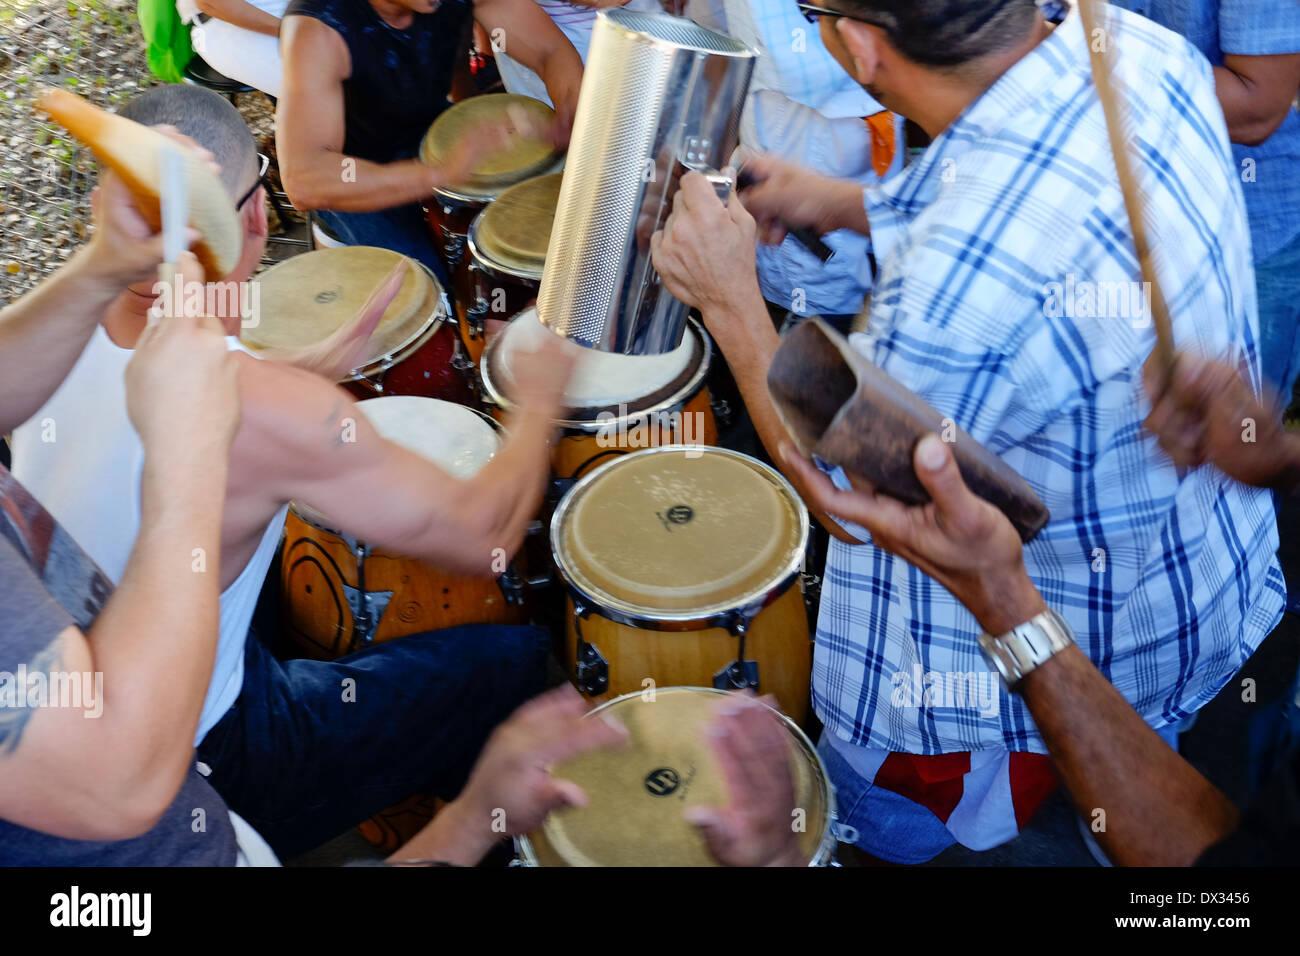 MIAMI - 9 mars 2014: groupe jouant de la musique dans les rues de la calle 8 lors de la 37e Calle Ocho festival, un événement annuel qui a lieu sur 8 Rue de la petite havane avec beaucoup de musique, de la nourriture, et c'est la plus grande partie de la ville qui célèbre l'héritage hispanique. Photo Stock